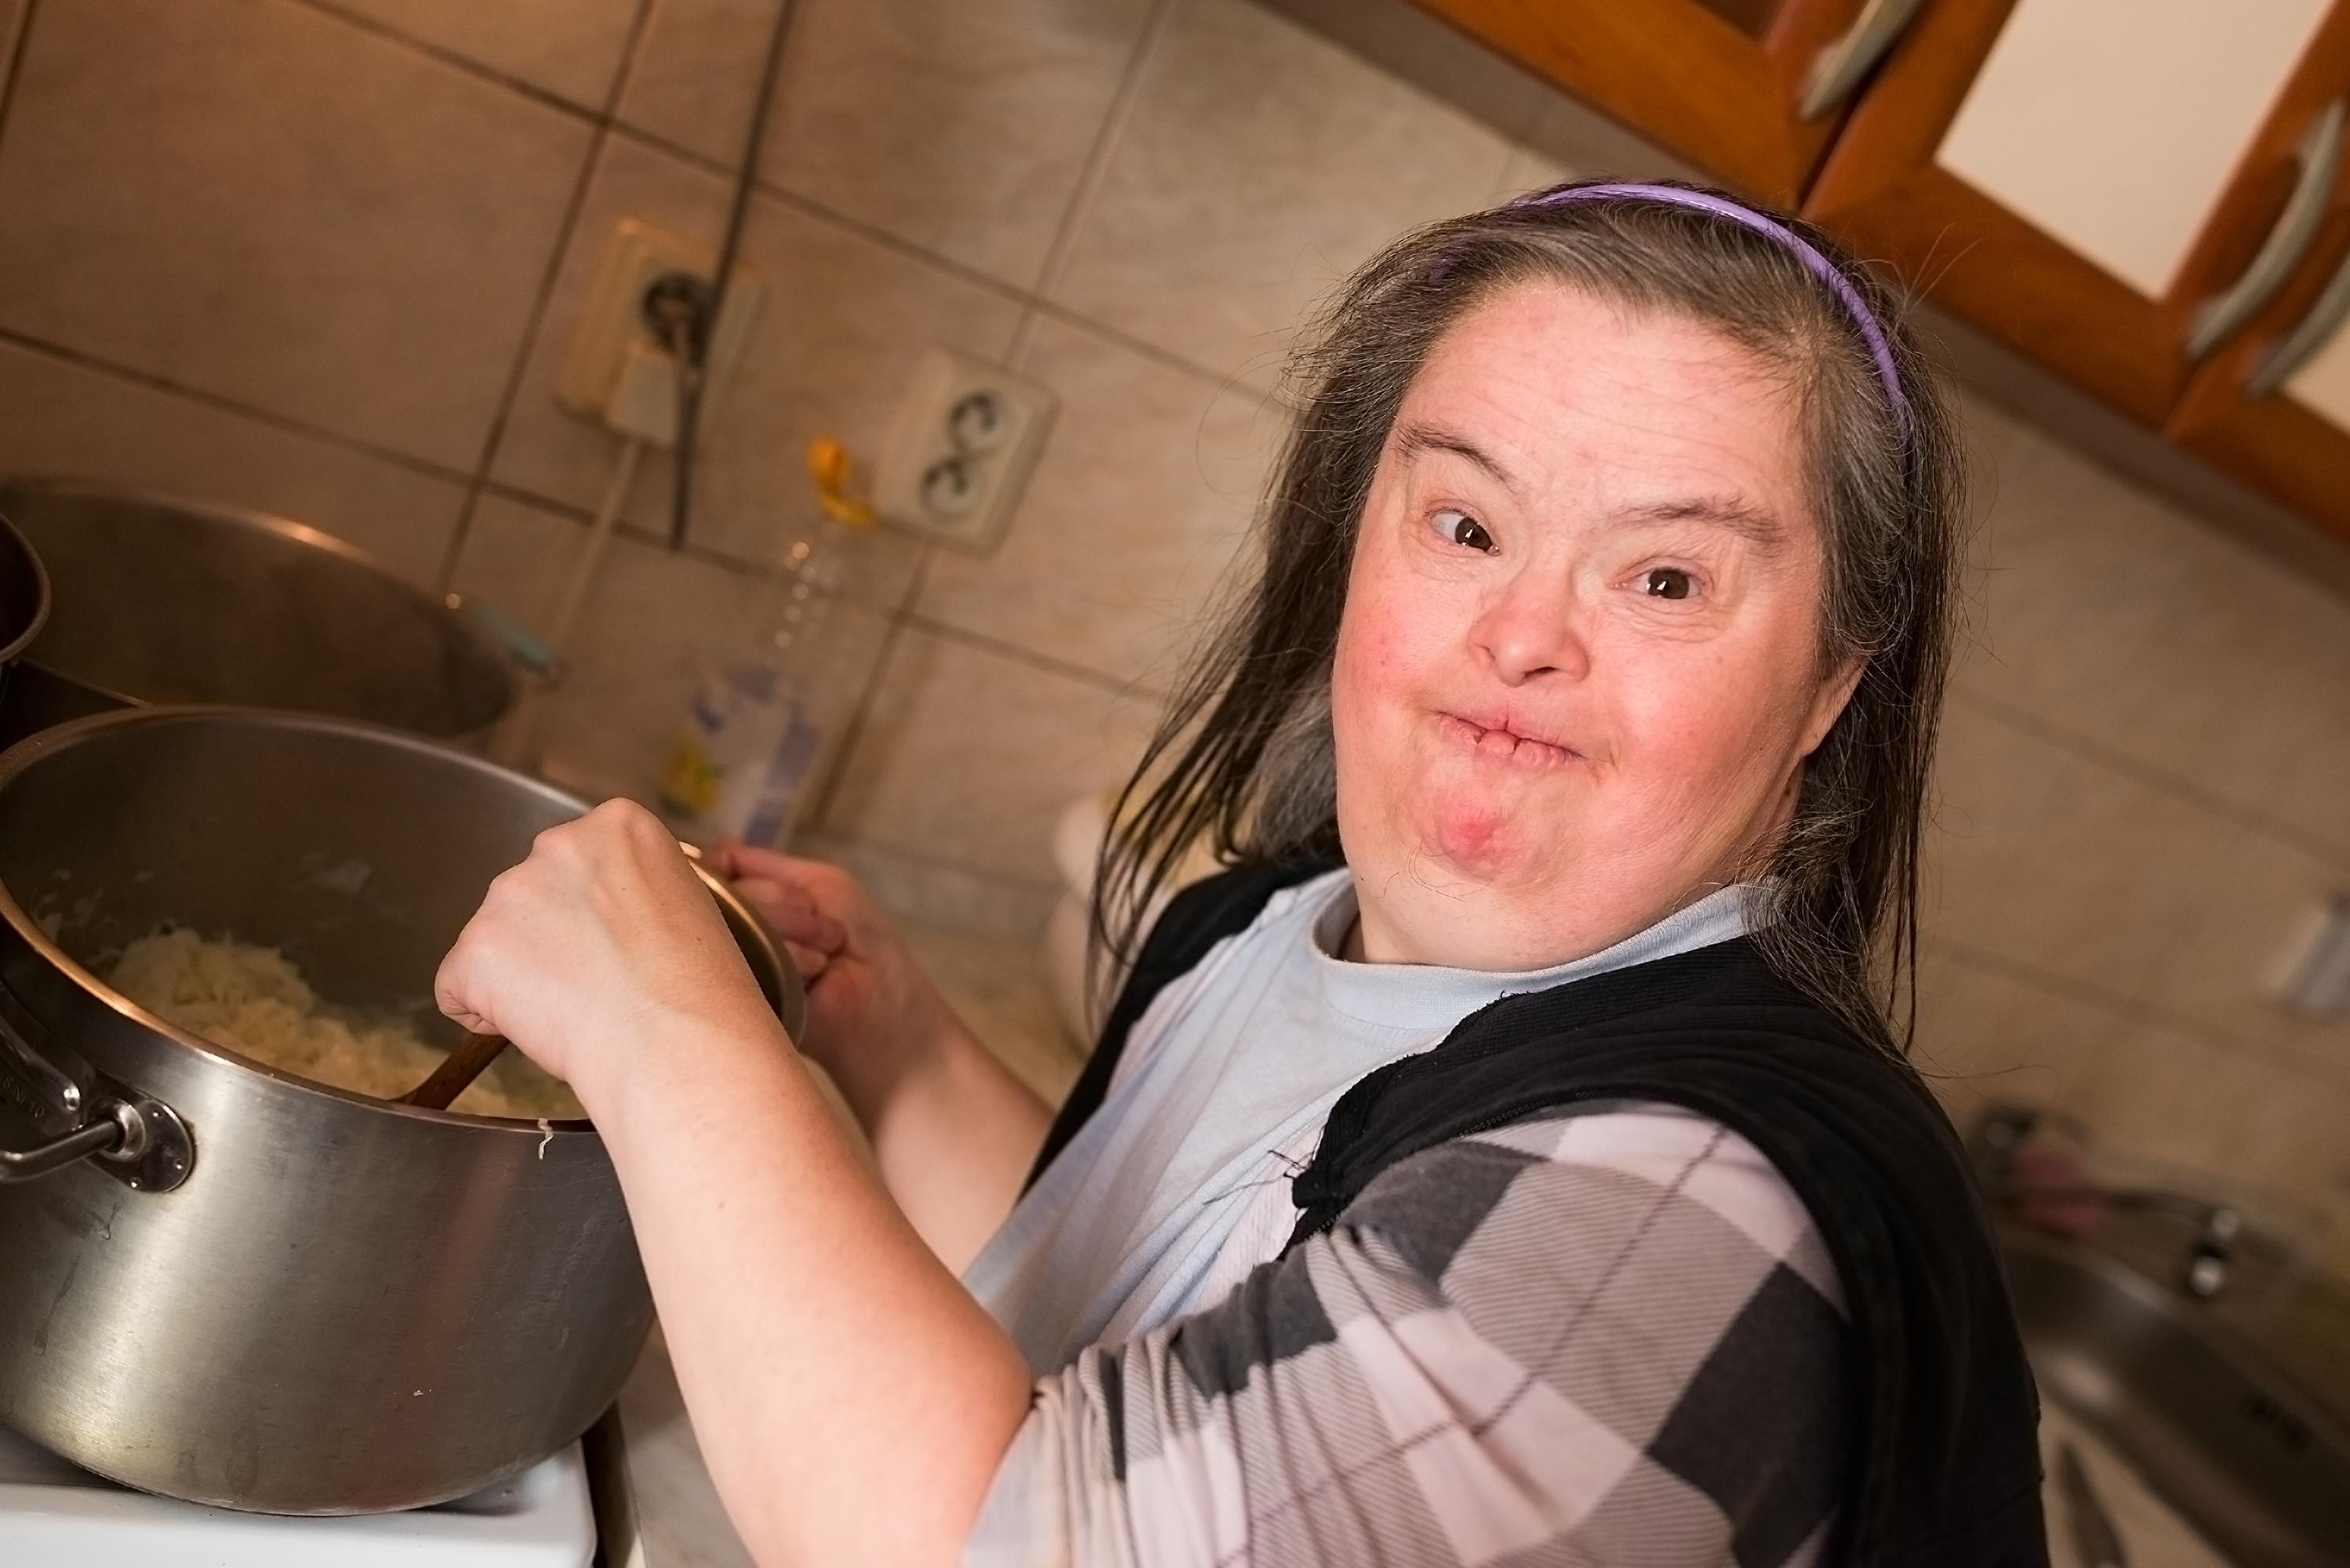 Po śmierci rodziców, dorośli z zespołem Downa trafiają pod opiekę pomocy społecznej (fot. shutterstock.com)